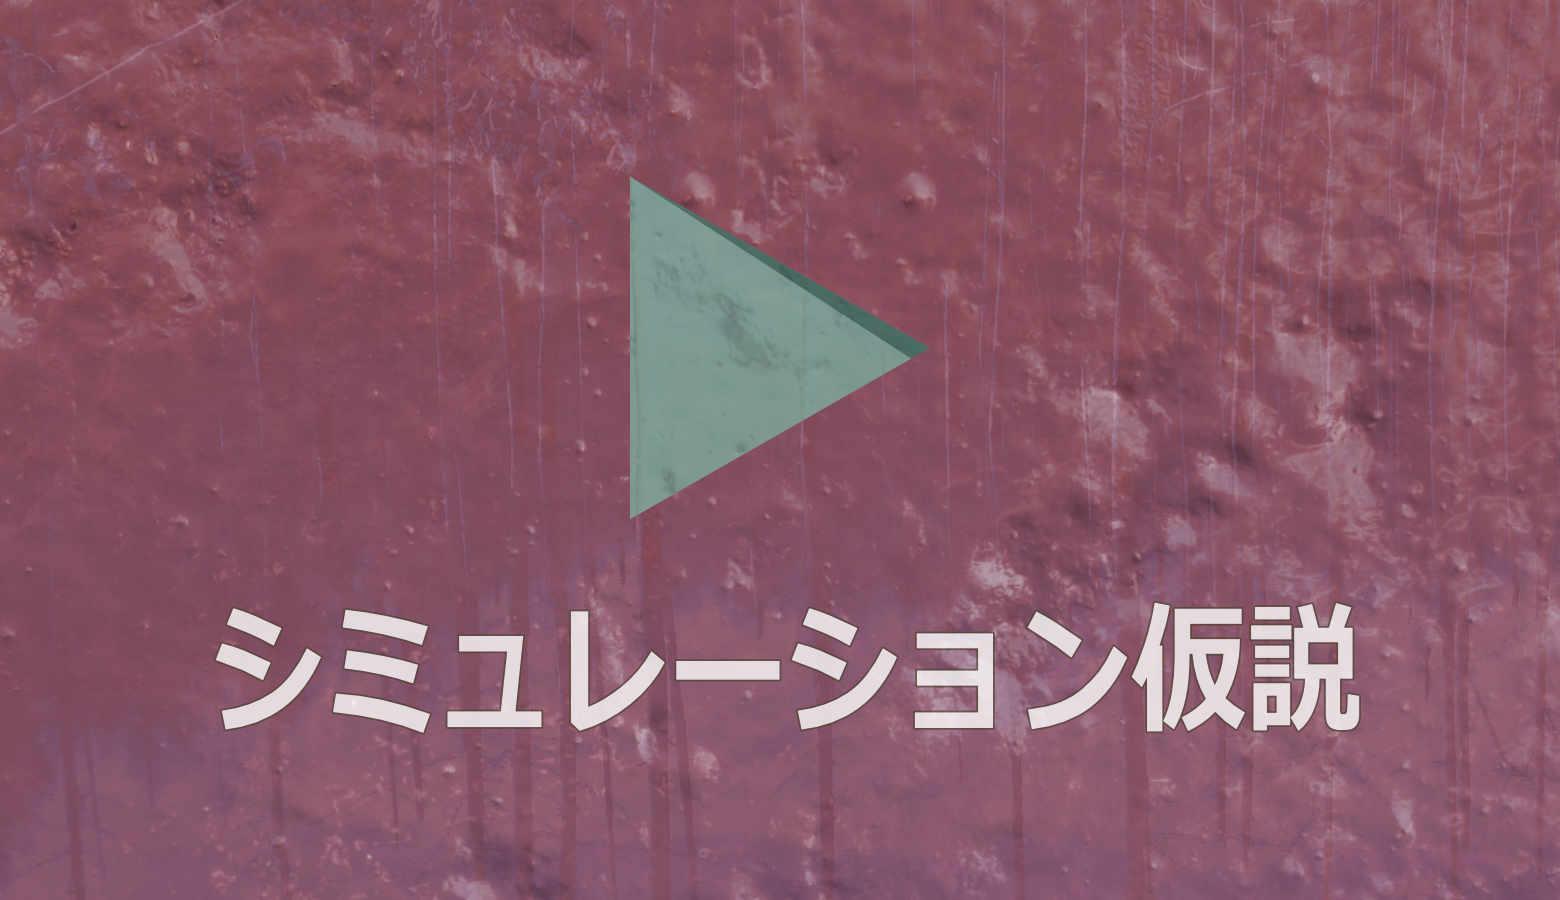 シミュレーション仮説とGTA 5とわたし【YouTube】